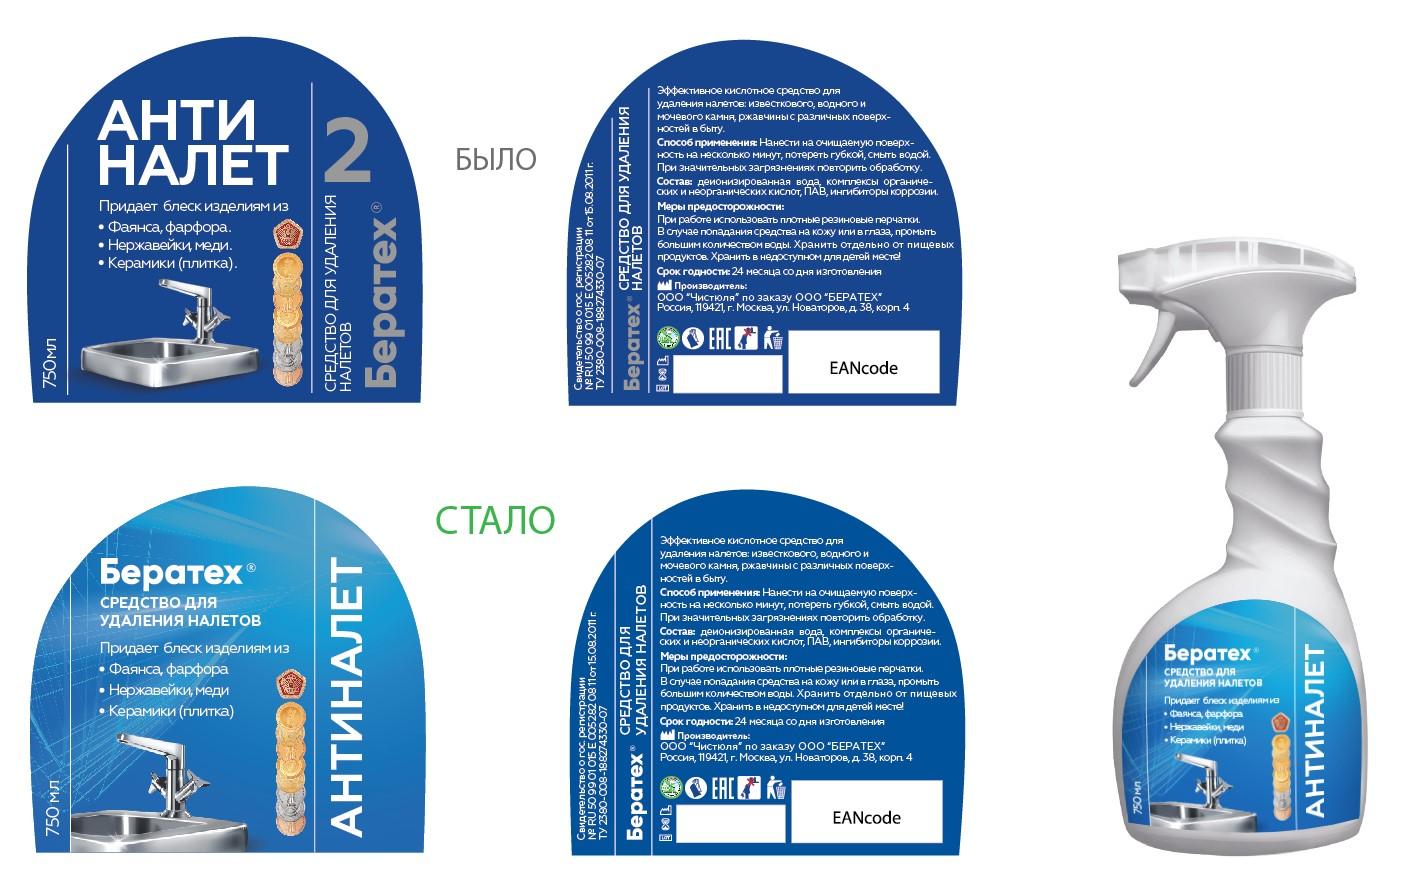 Дизайн этикеток для бытовой химии фото f_2165a5714bbe86e5.jpg